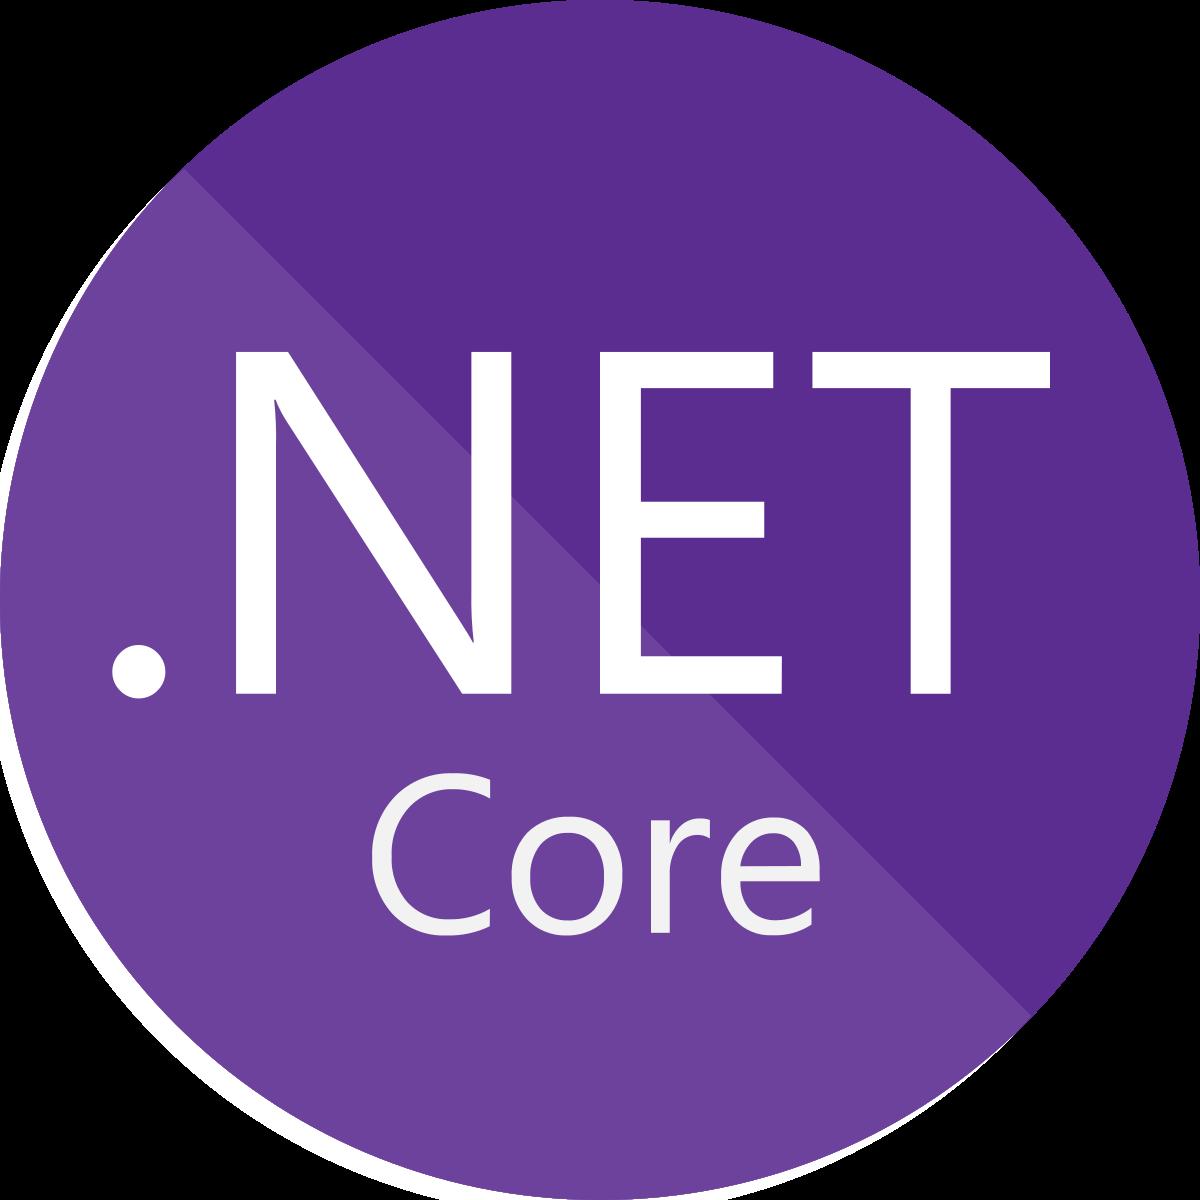 .NET Kerne